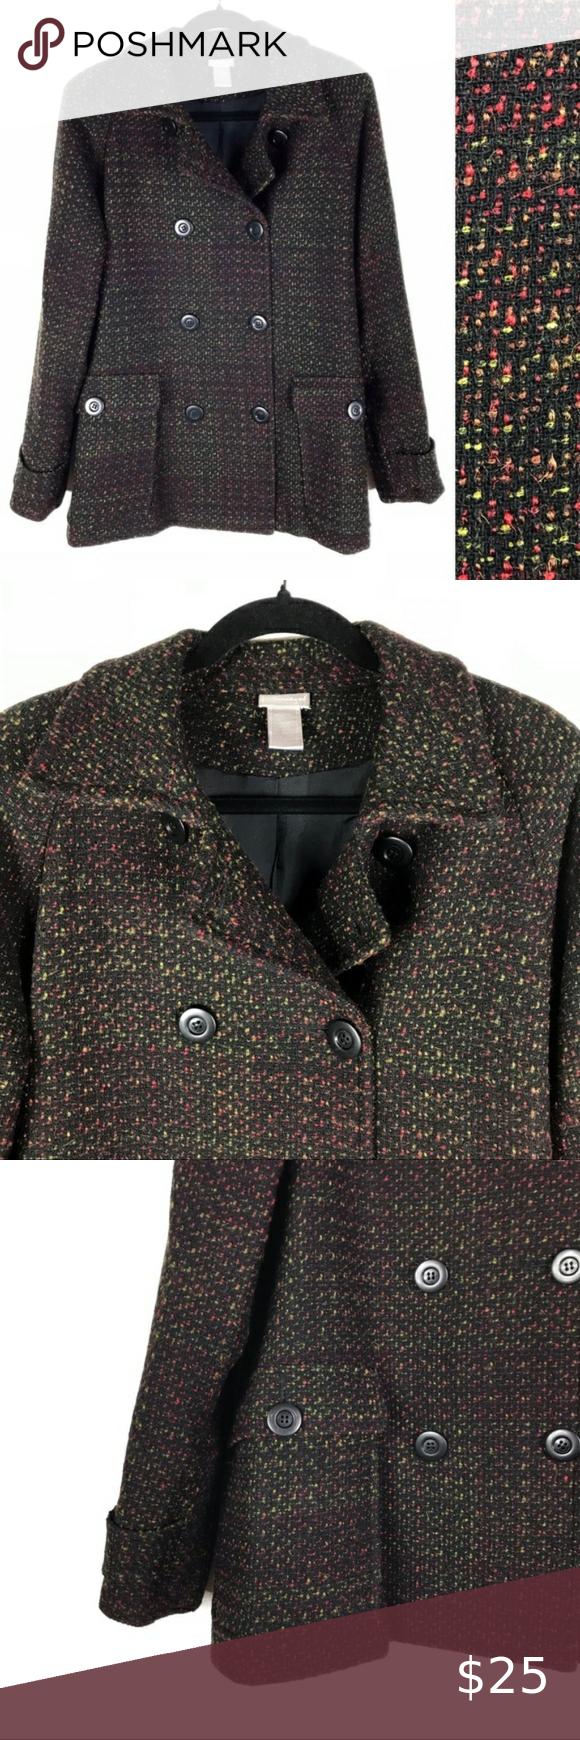 Spiegel Vintage Black Colorful Speckled Pea Coat S